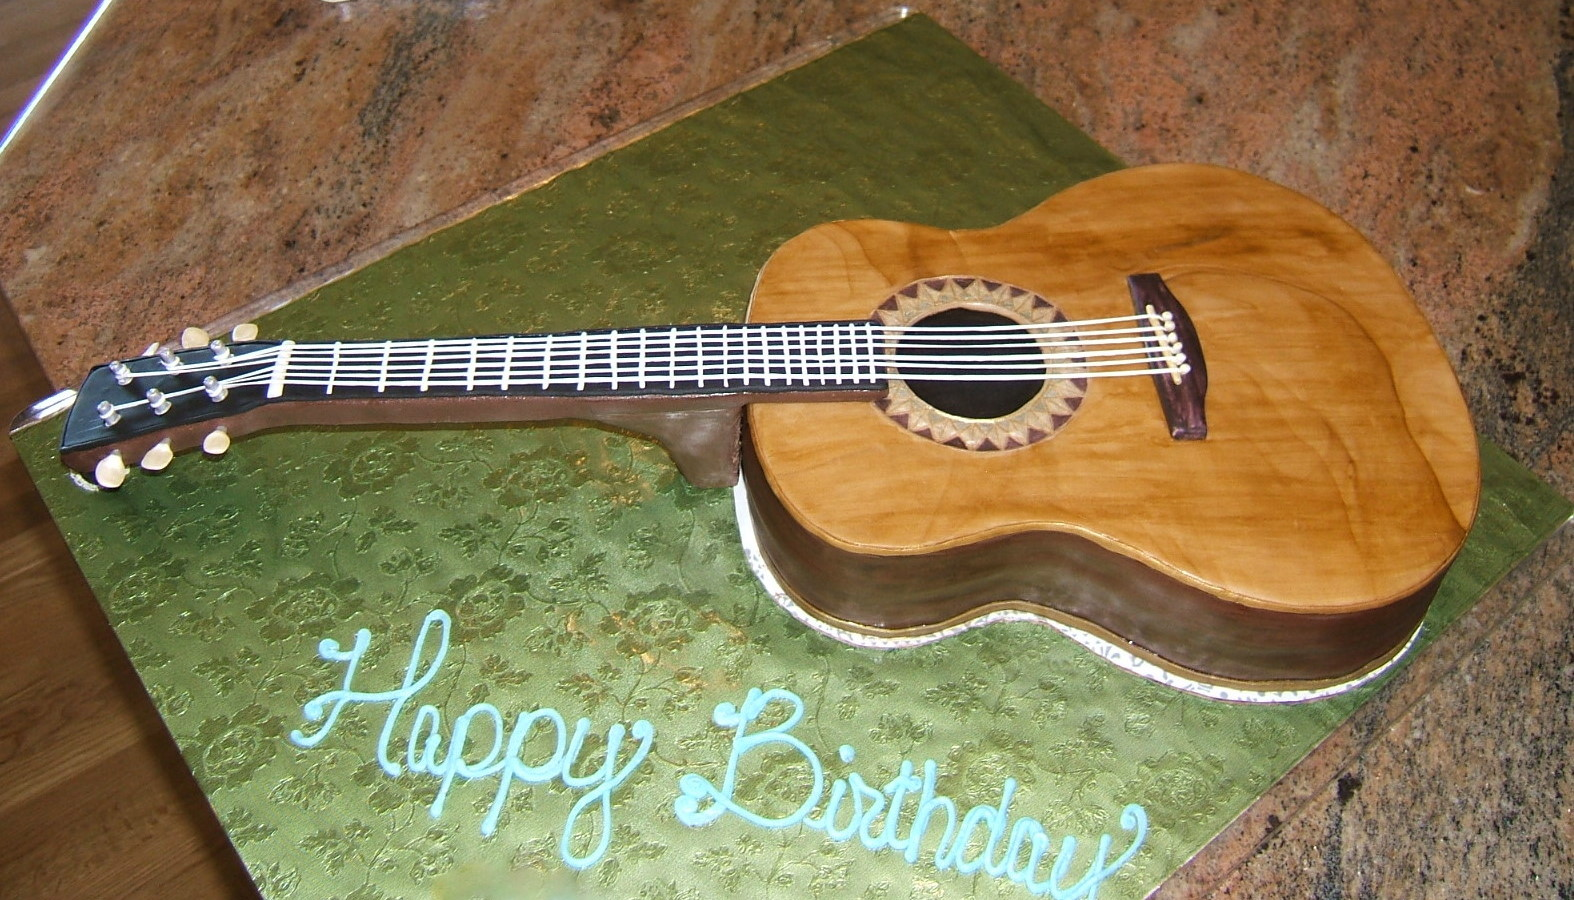 торт гитара из мастики мастер класс фото многом